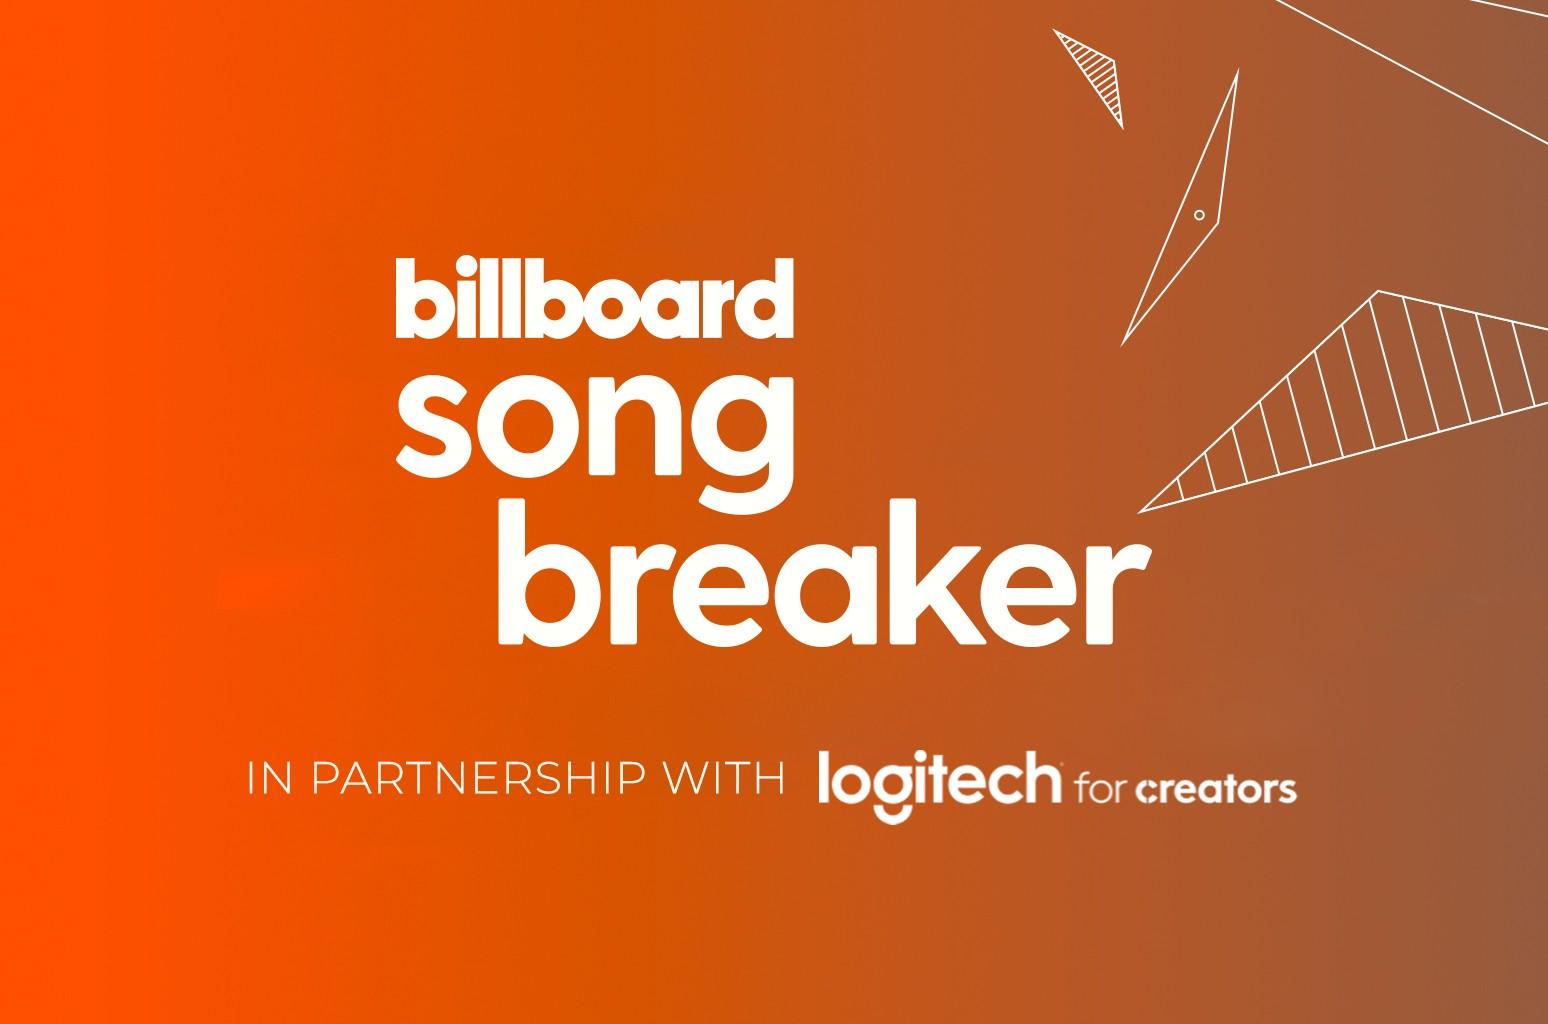 billboard song breaker